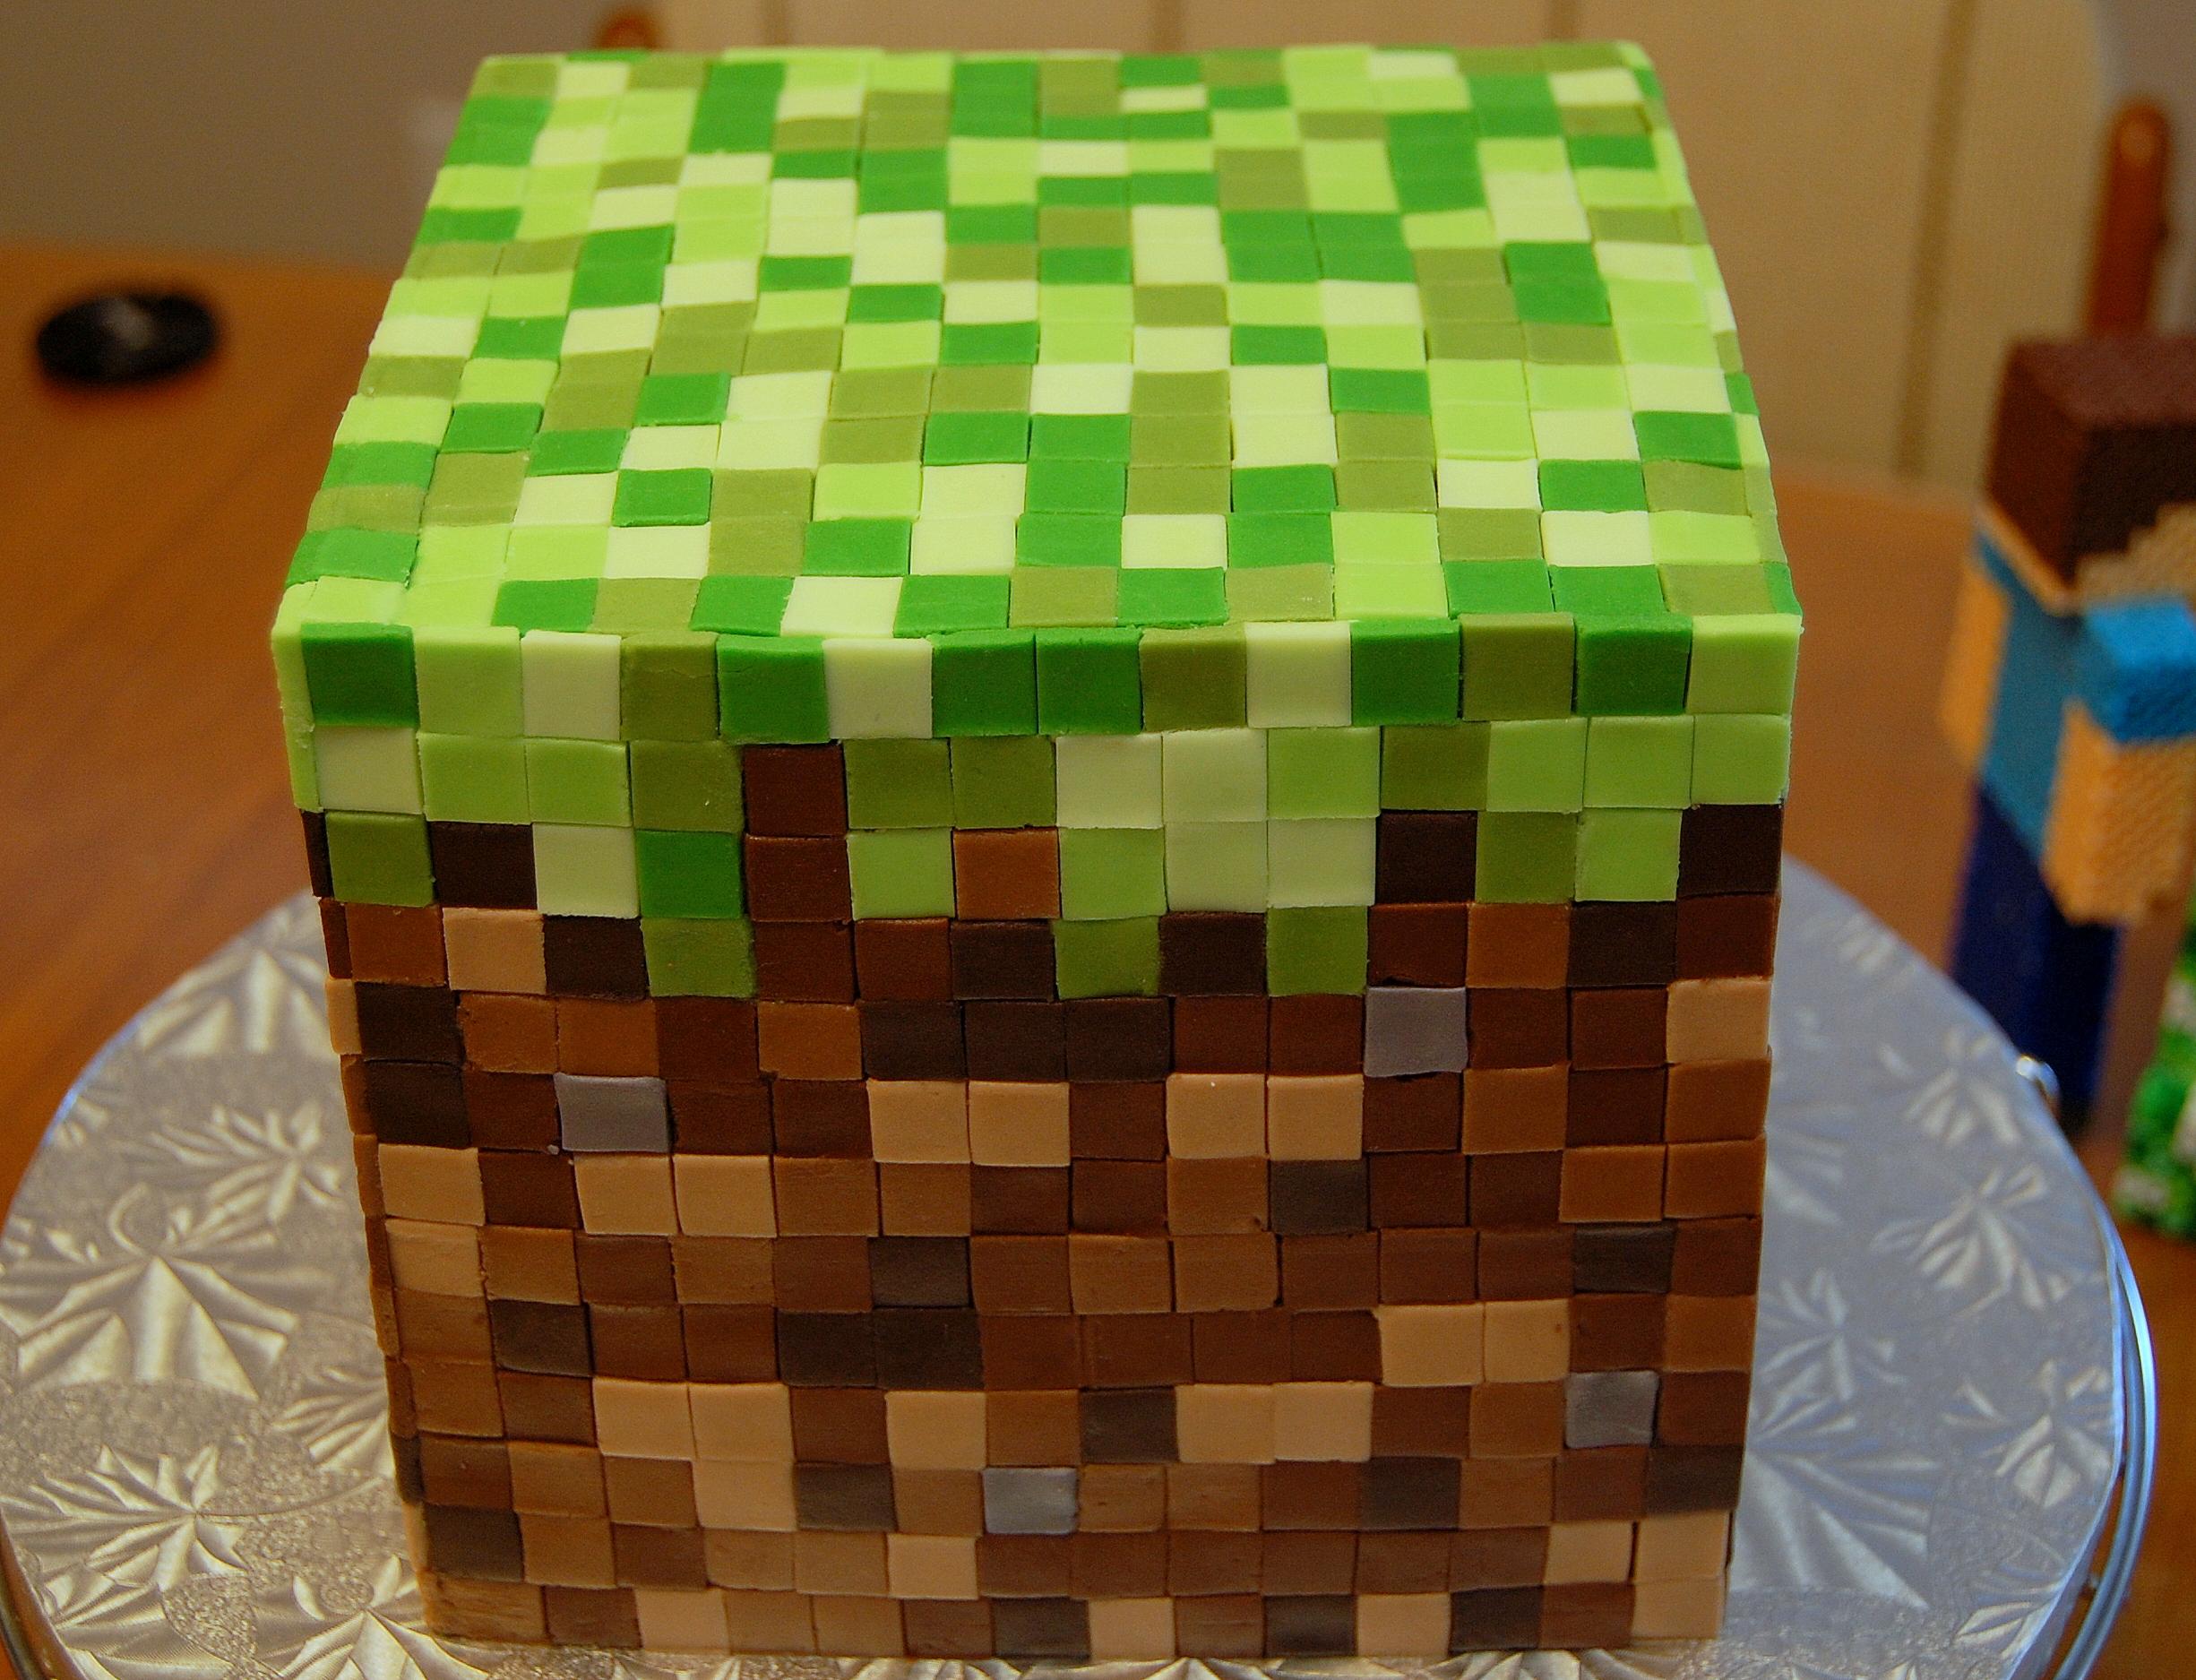 ... um arraso! É muito simples mas lembra o bolo do jogo de Minecraft